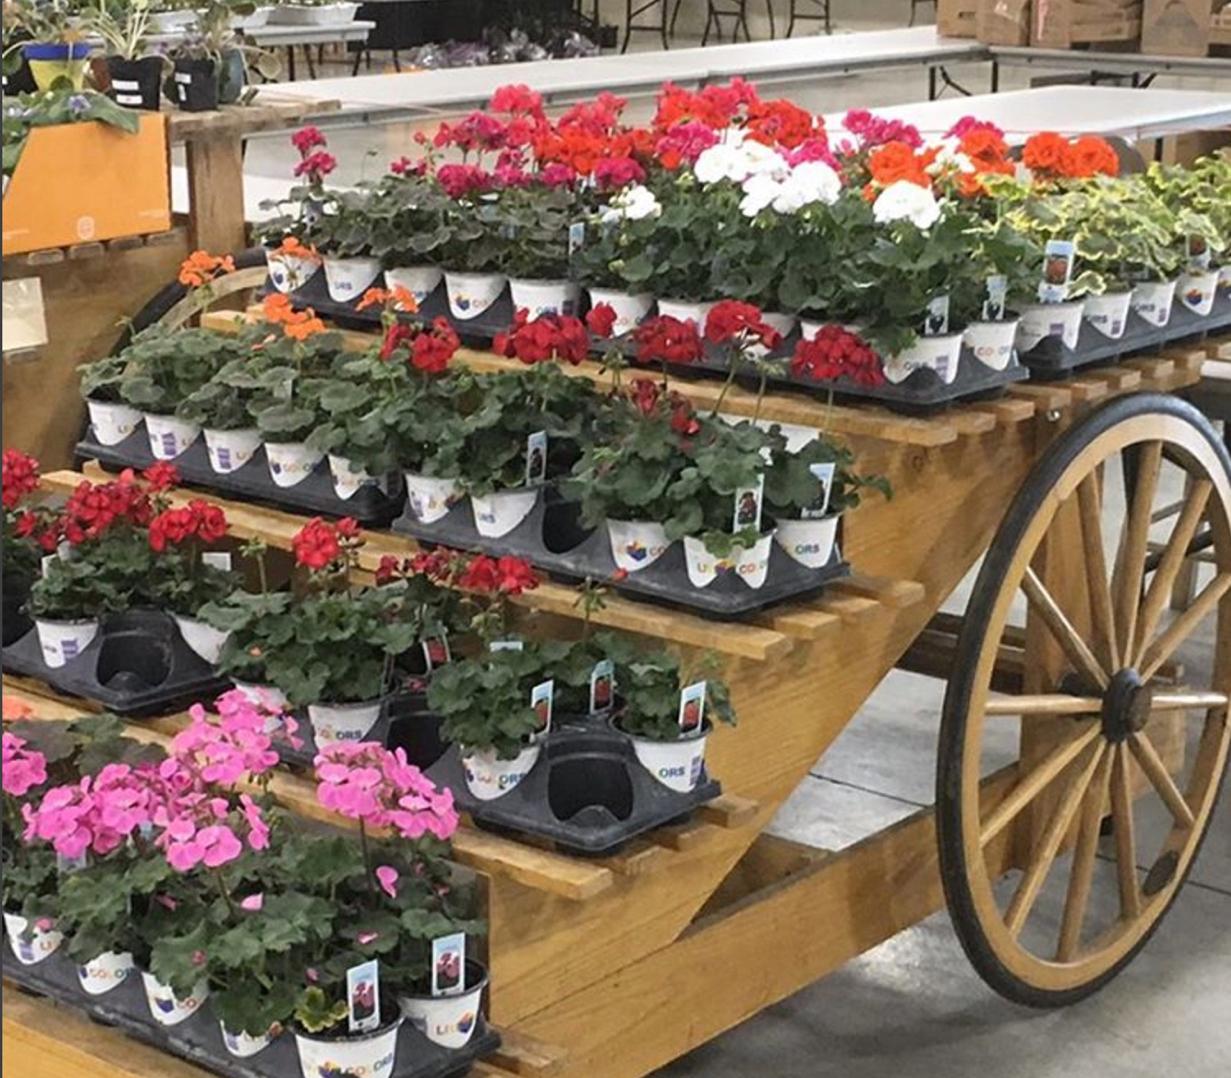 geraniums plants and things - Volunteer